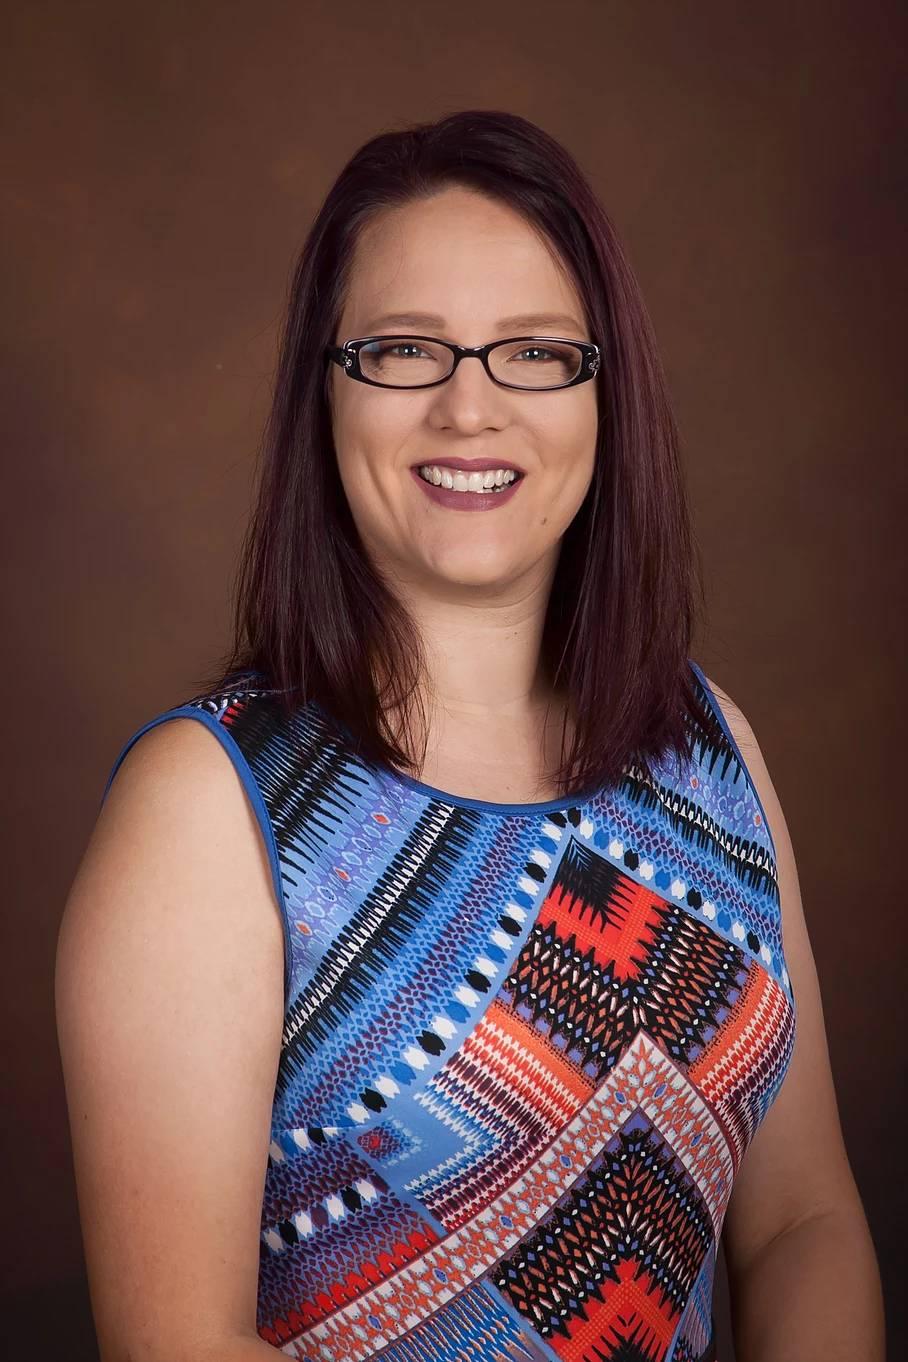 Mrs. Denise Estes - Art, Economics